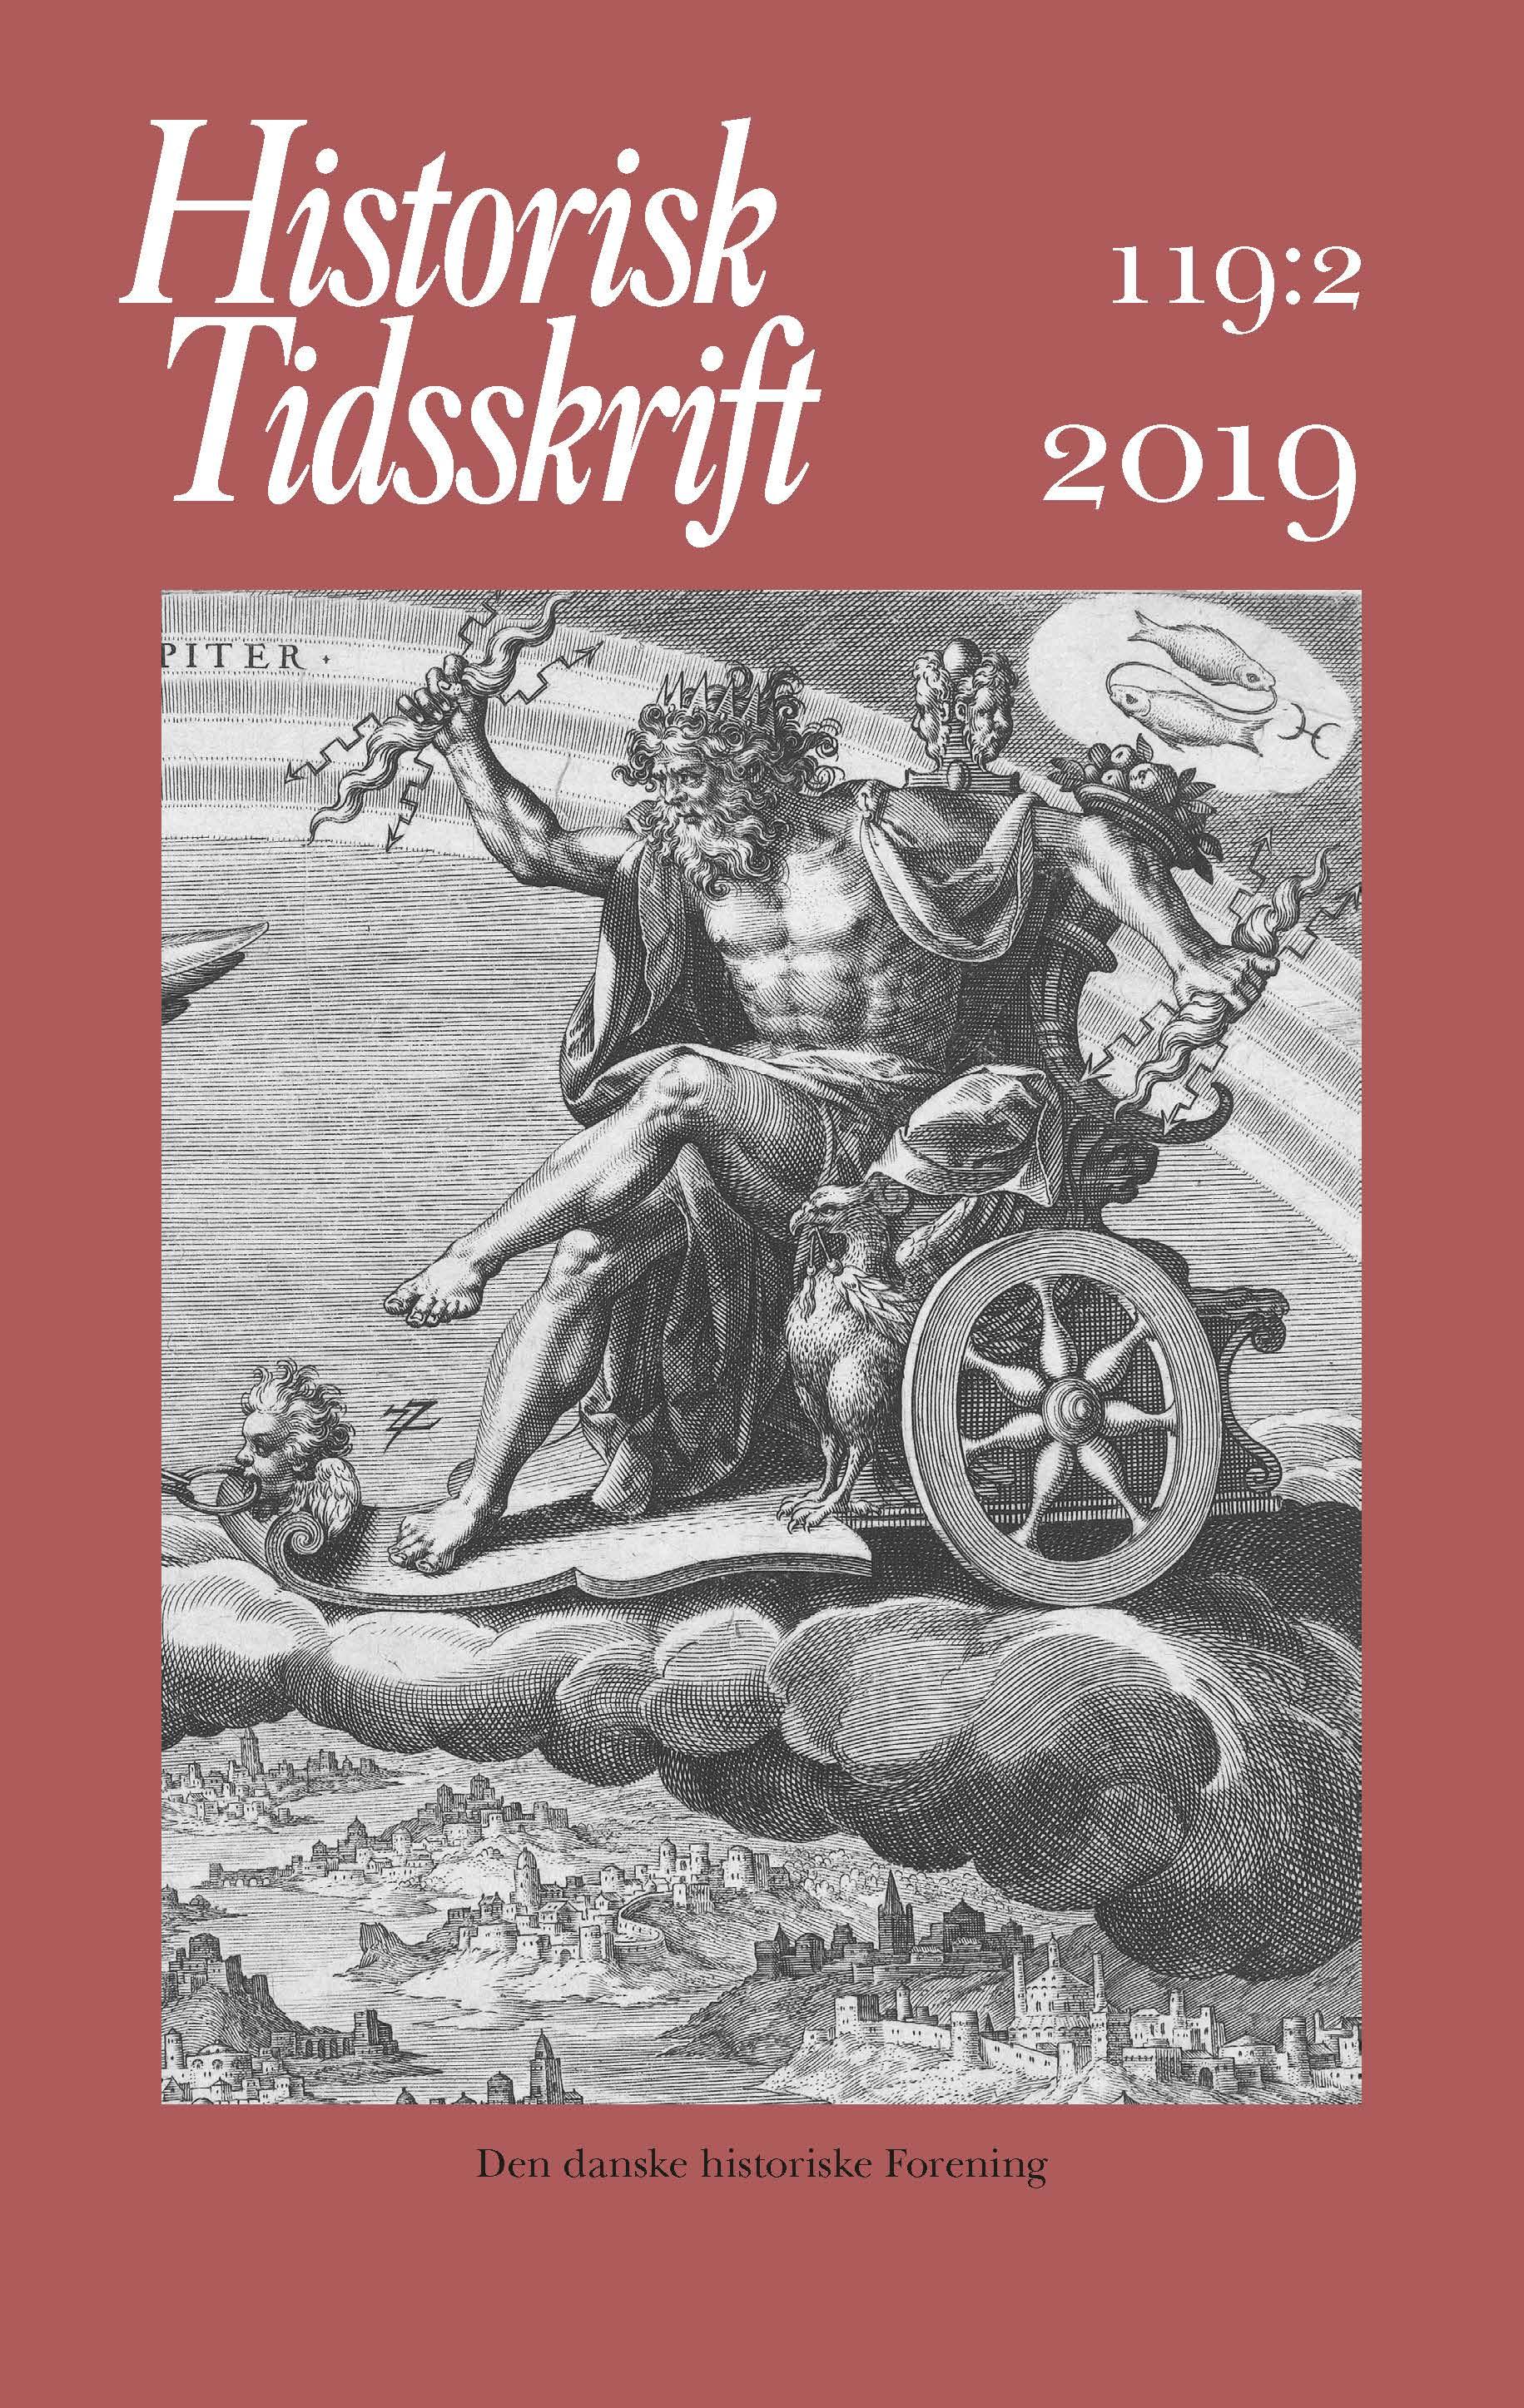 Historisk Tidsskrift Bind 119 Hæfte 2 [forside]